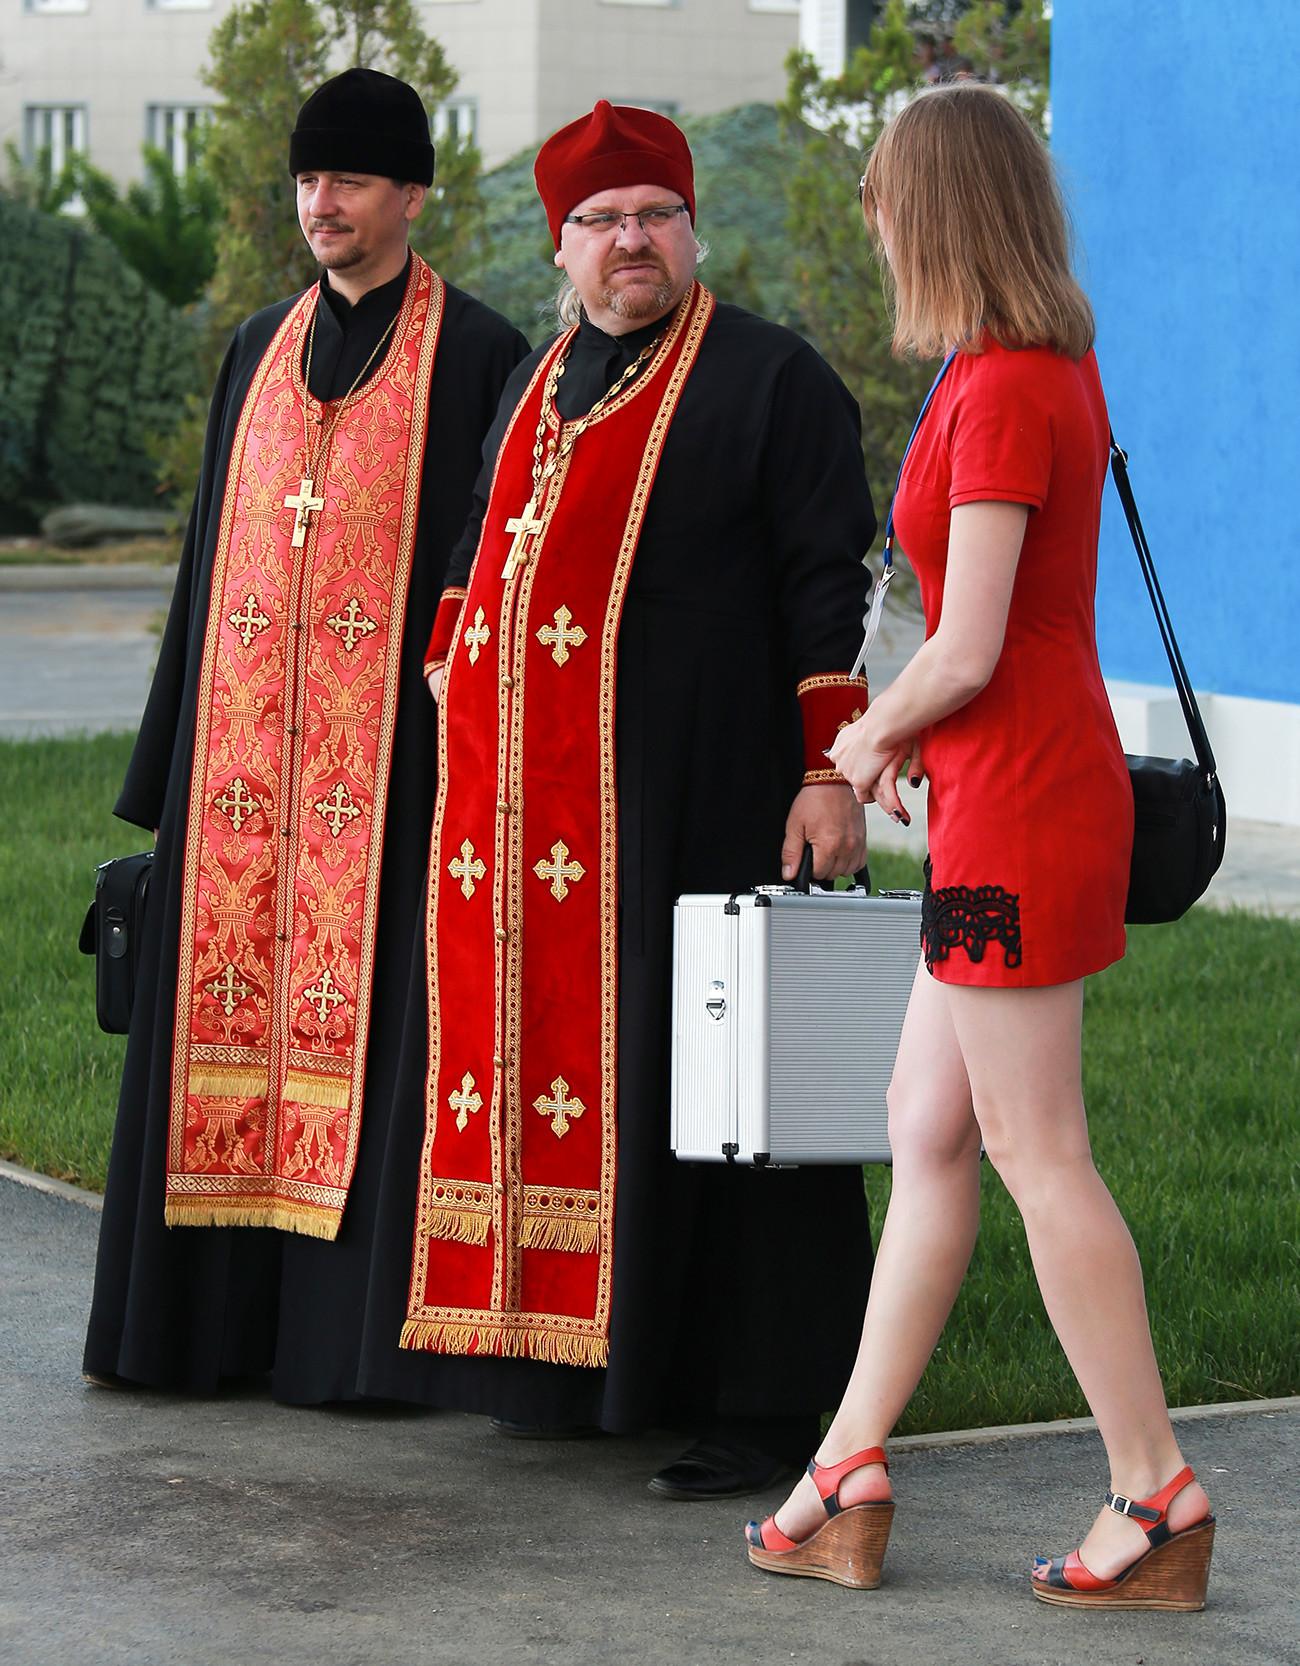 ロシア正教の教会を訪れる時は服装に気を付ける必要がある。